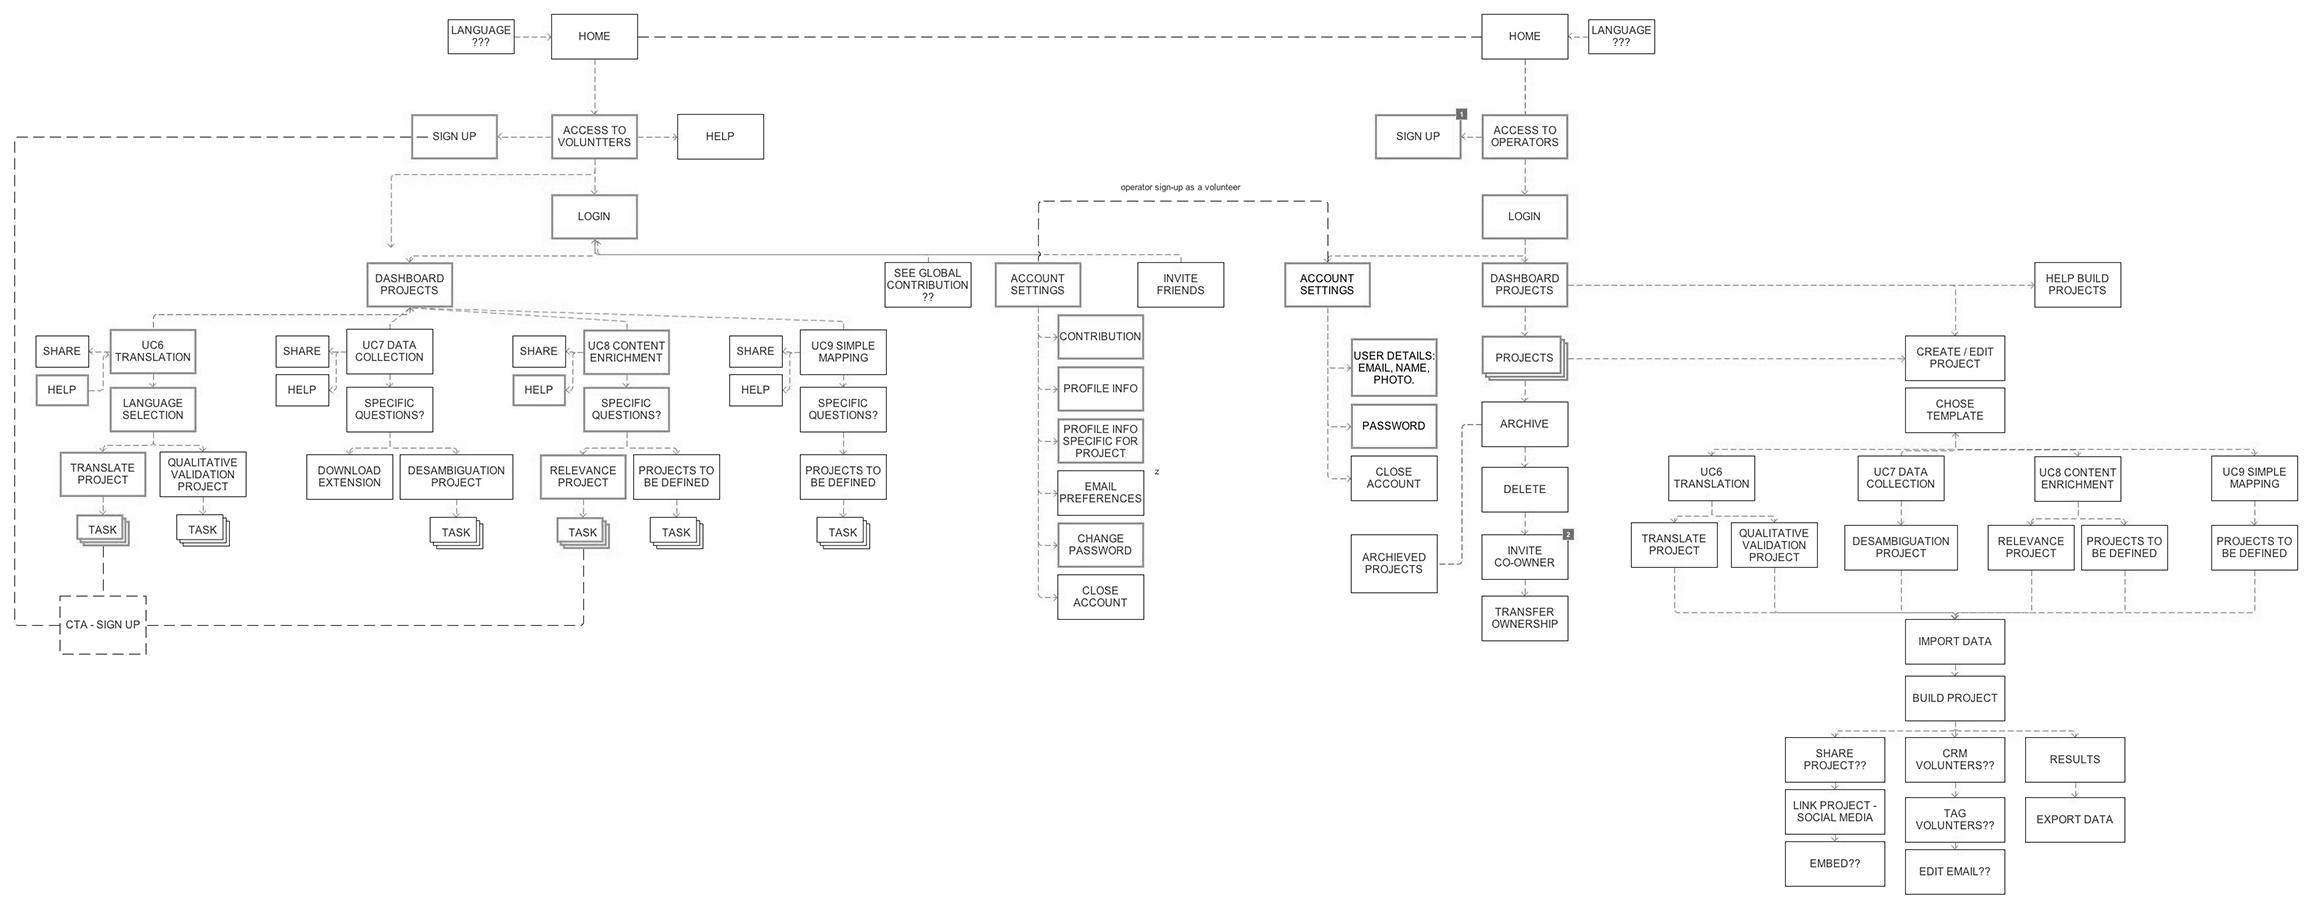 navigation-tree-bn.jpg